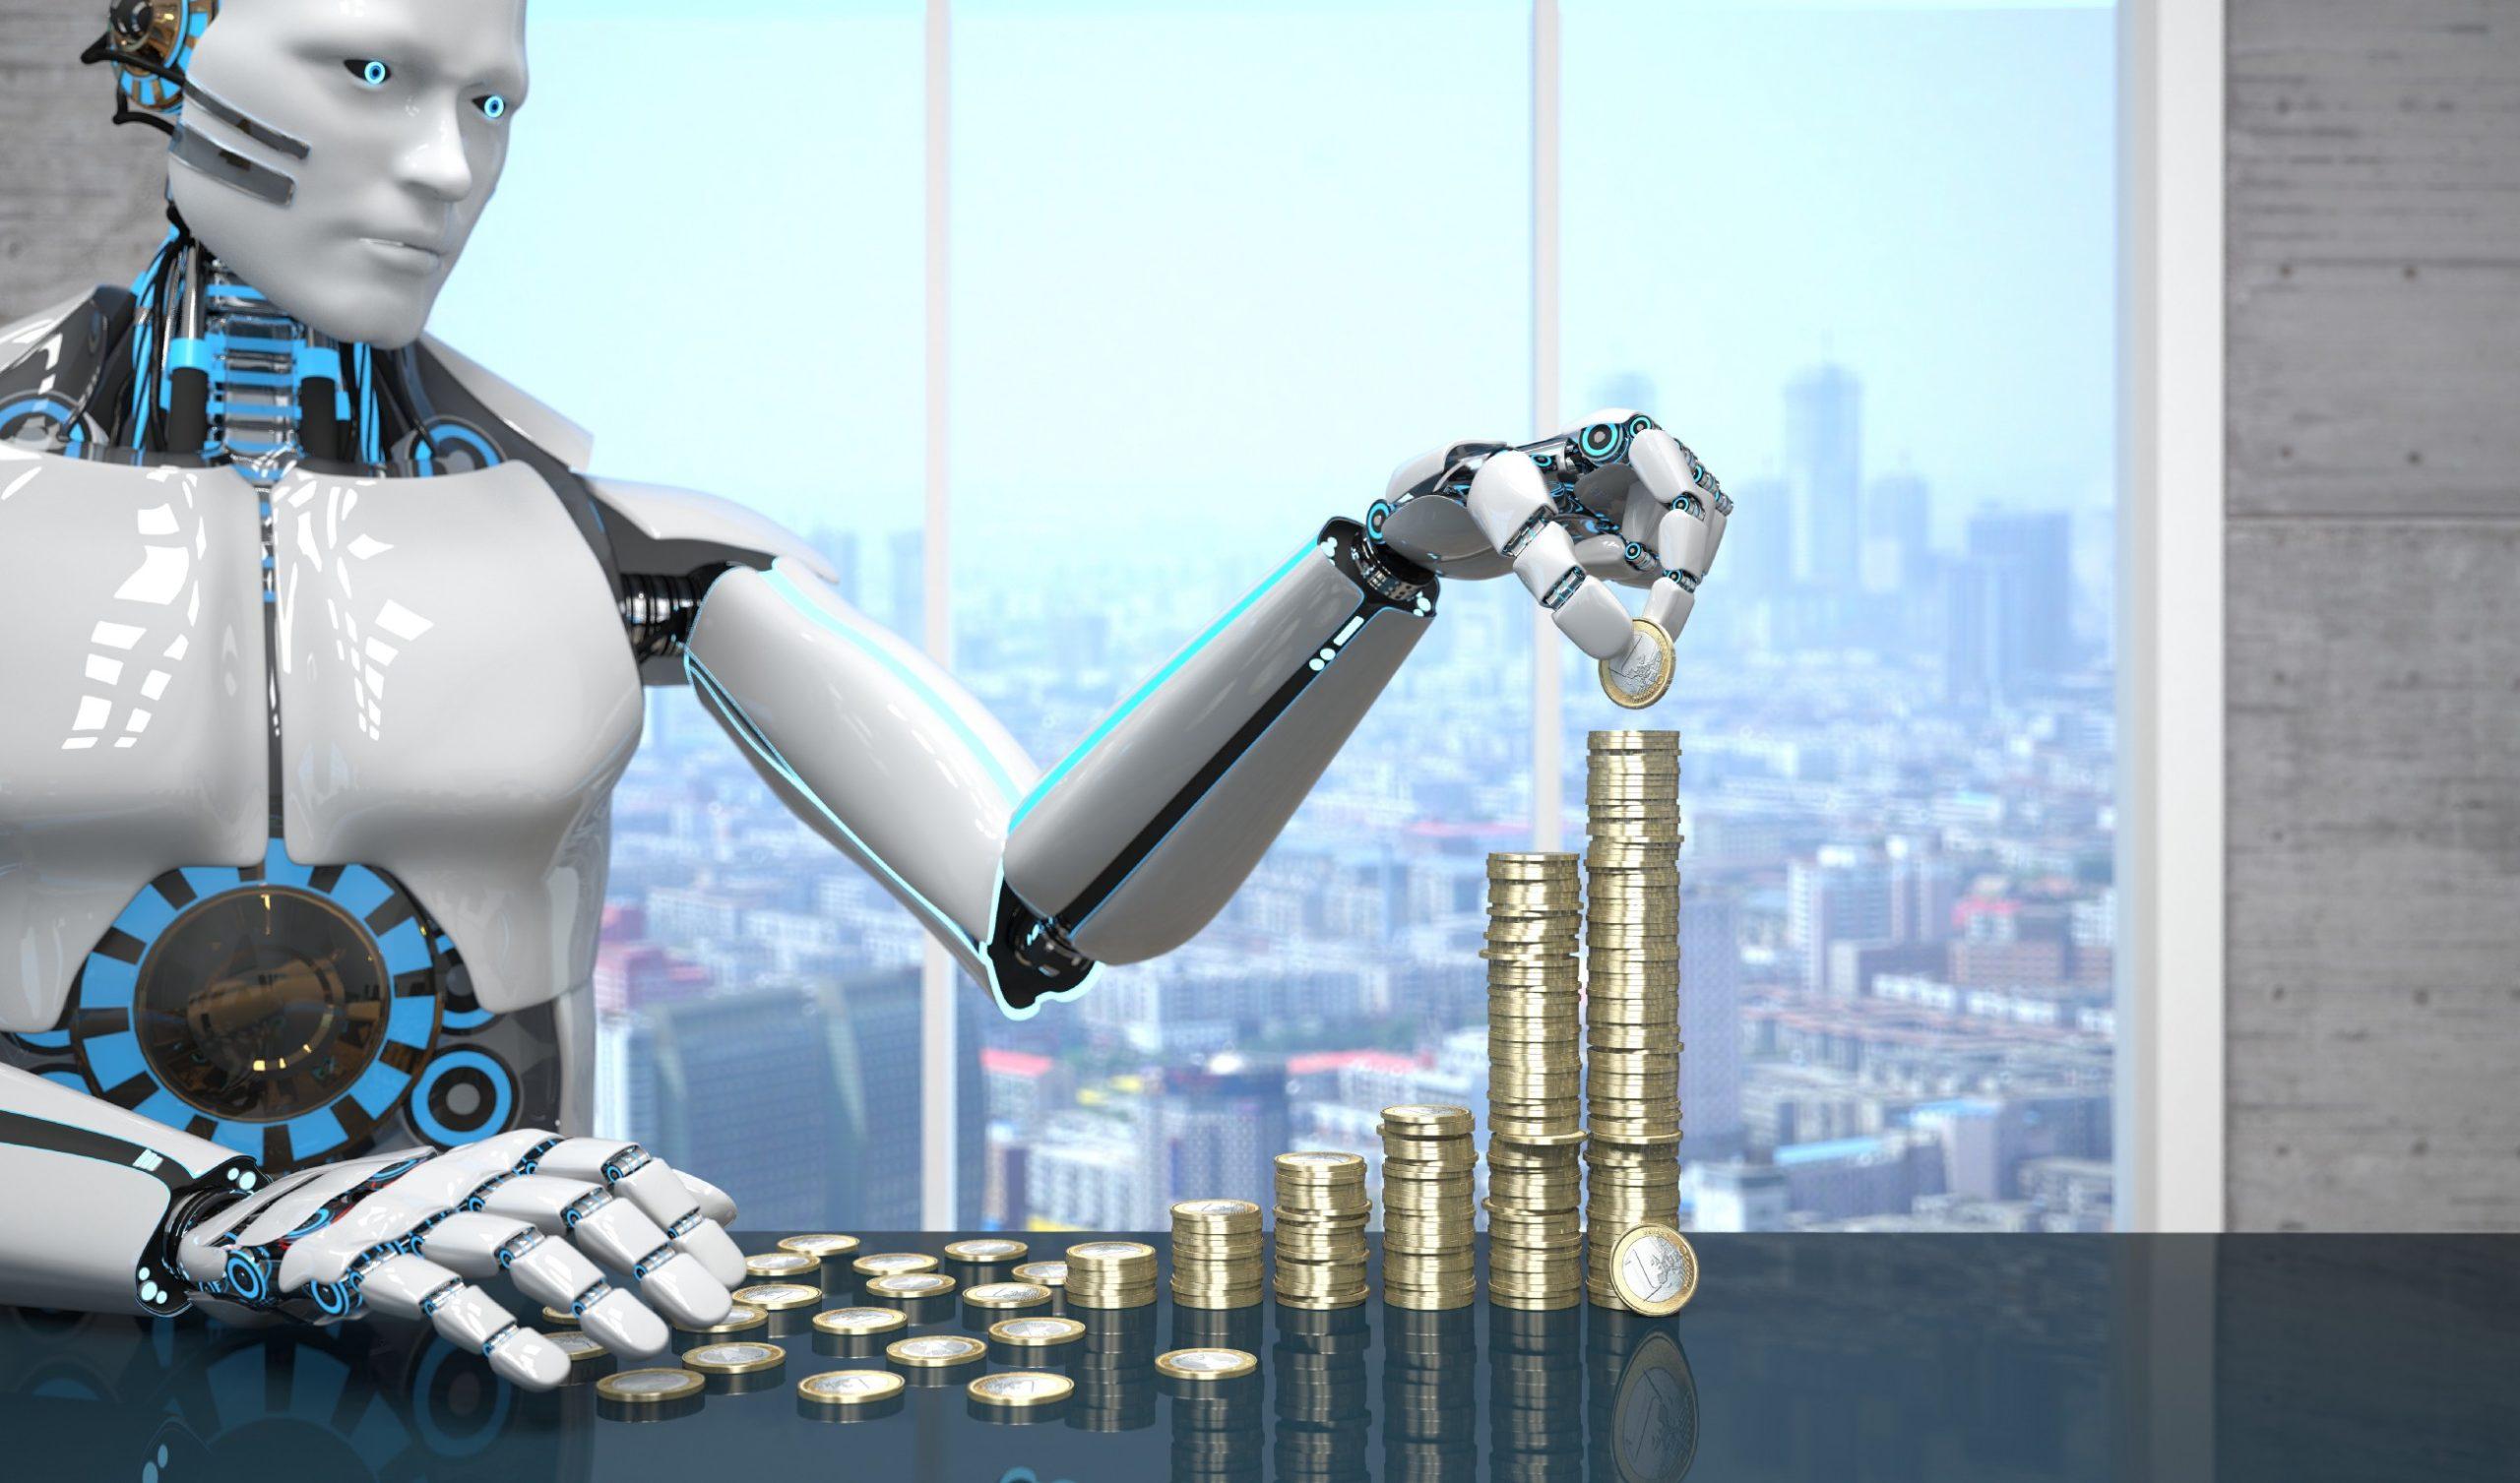 Робот Raa-invest и брокеры рынка форекс